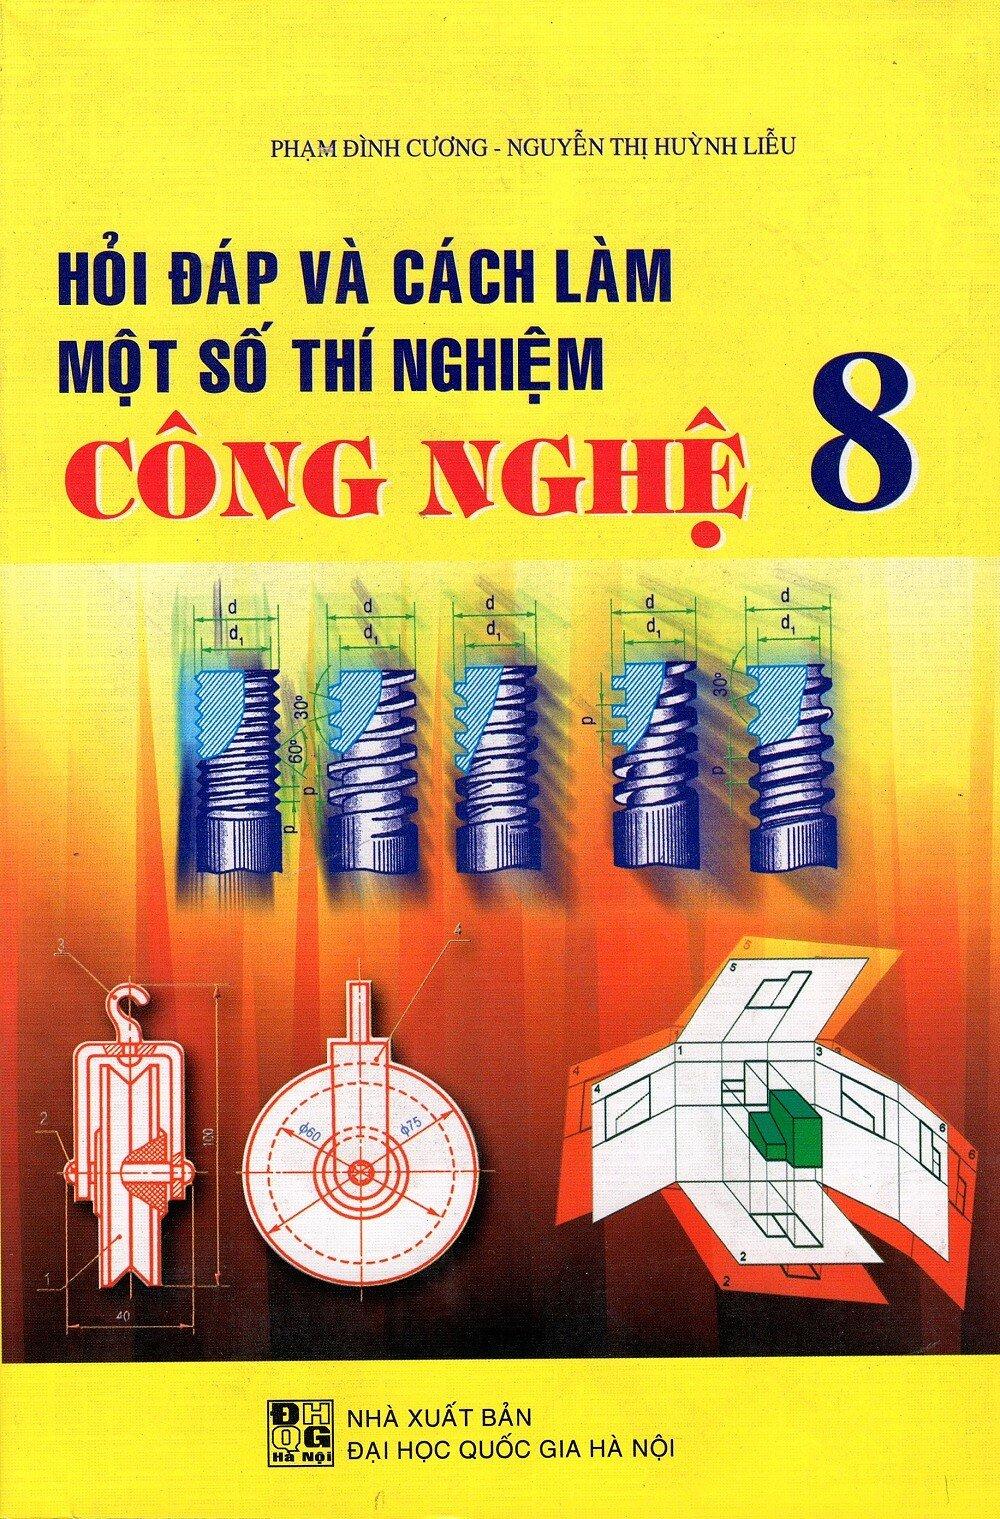 Hỏi Đáp Và Cách Làm Một Số Thí Nghiệm Công Nghệ Lớp 8 Tác giả Phạm Đình Cương - Nguyễn Thị Huỳnh Liễu